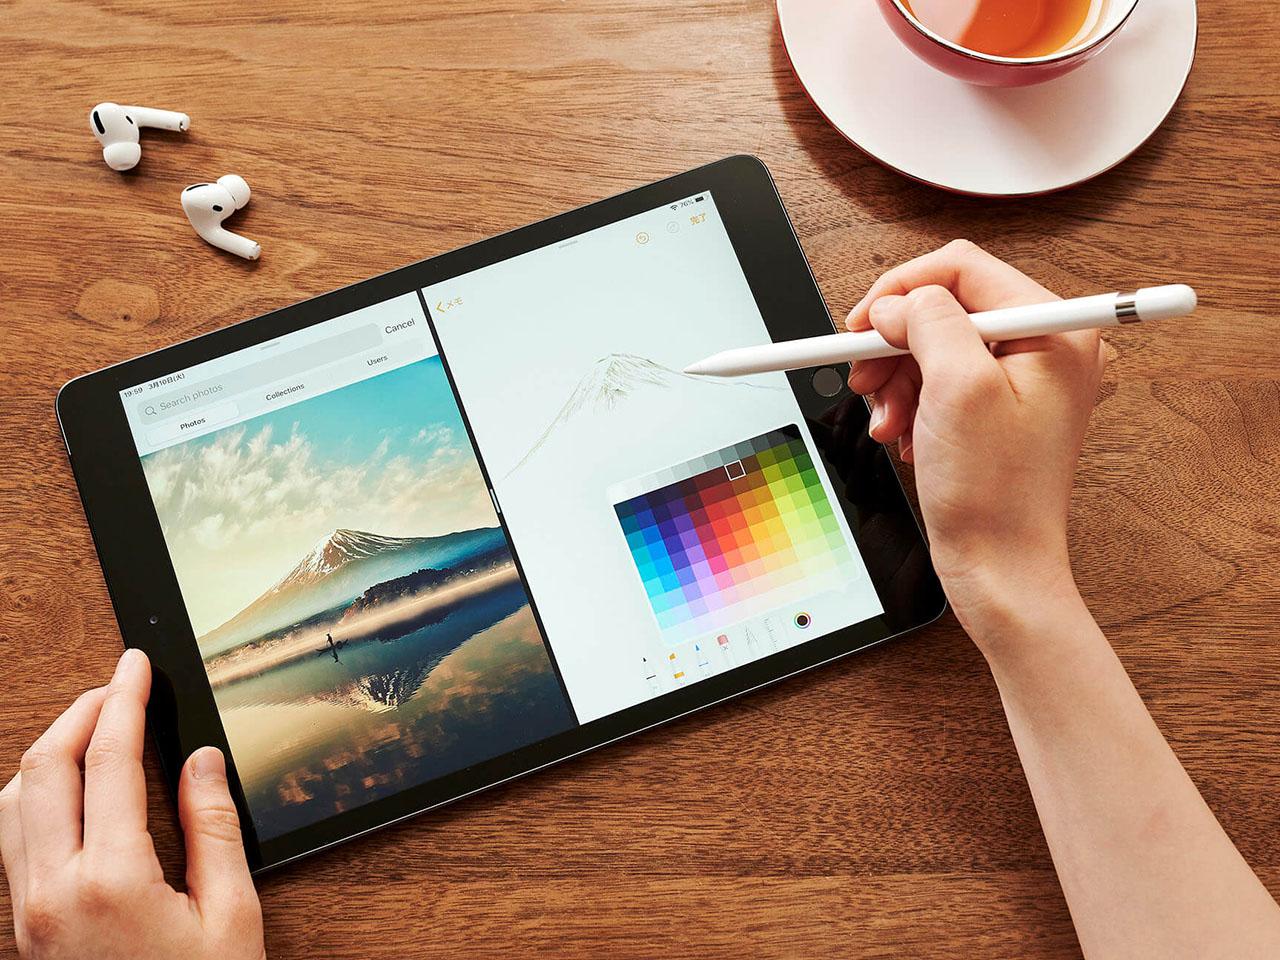 『本体 参考2』 iPad 10.2インチ 第7世代 Wi-Fi 32GB 2019年秋モデル MW742J/A [スペースグレイ] の製品画像